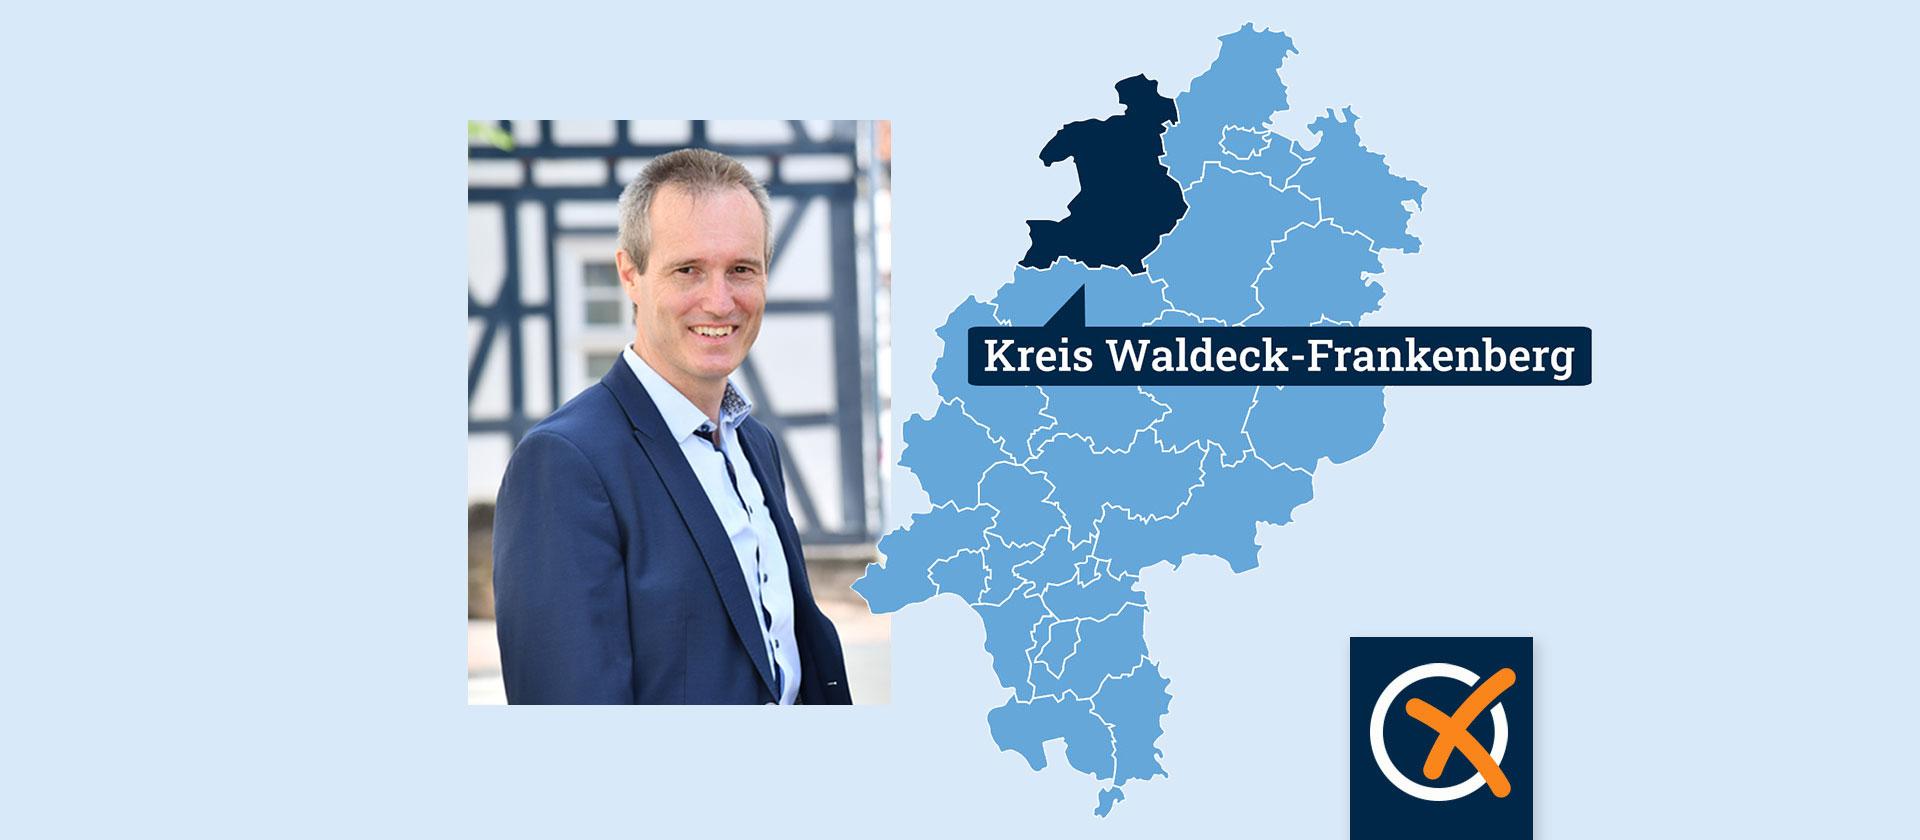 Portrait von Kandidat Van der Horst neben einer Hessenkarte mit Lokaliserung des Landkreises Waldeck-Frankenberg.